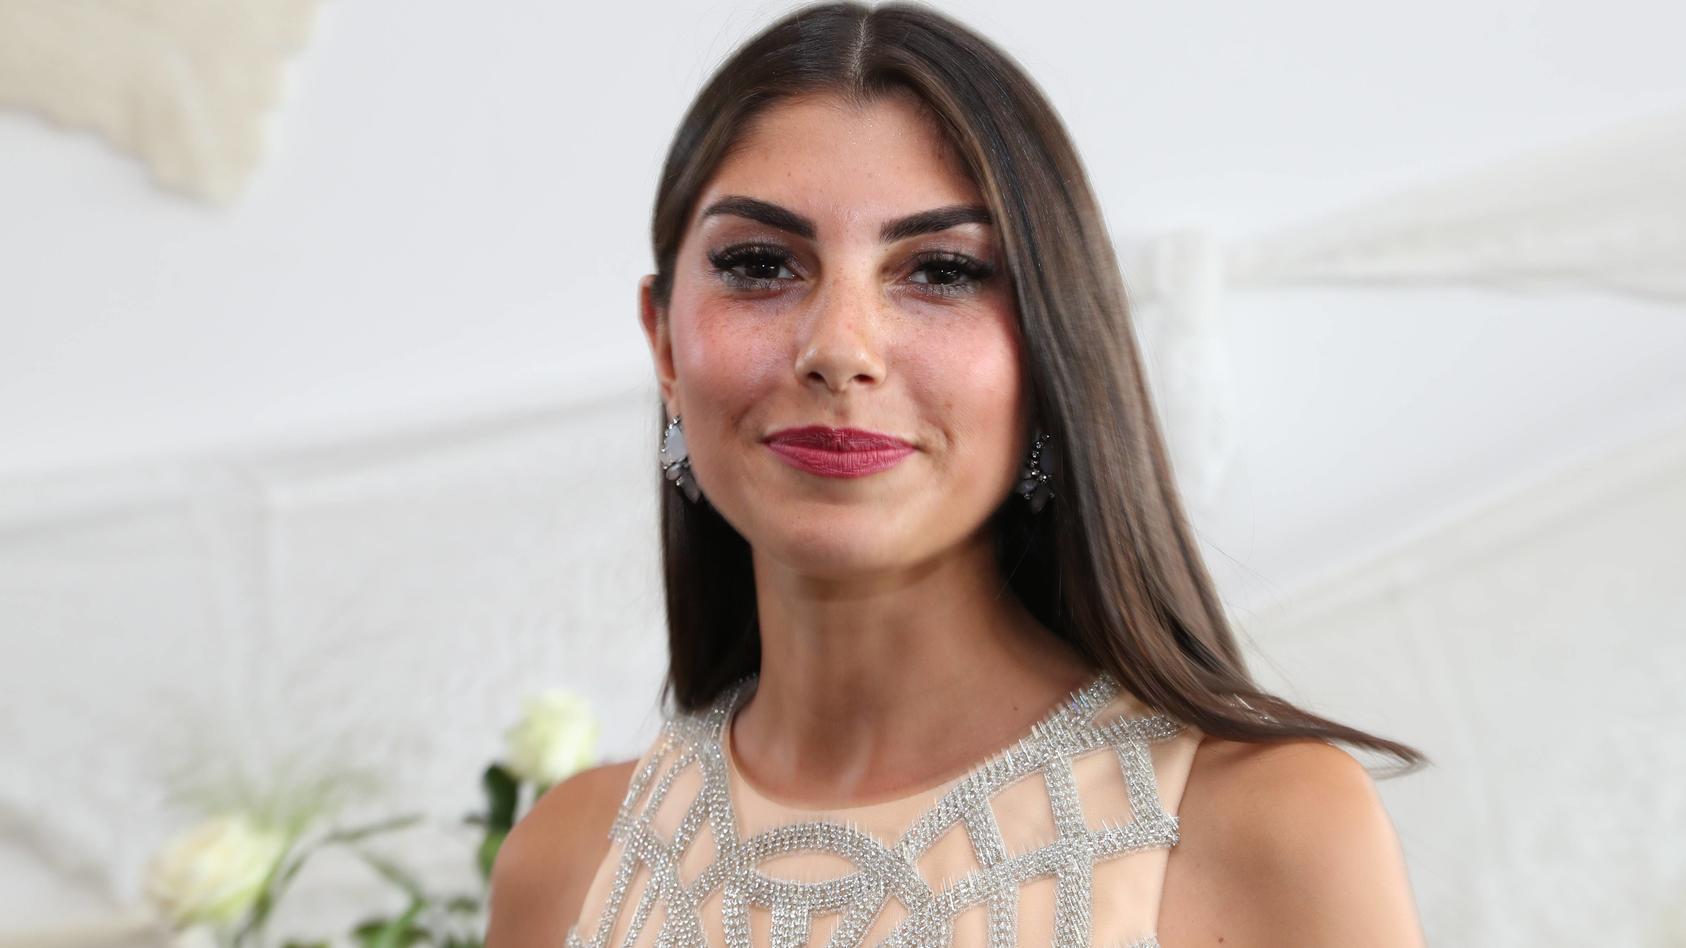 Yeliz Koc verrät, wie viel sie aktuell wiegt.